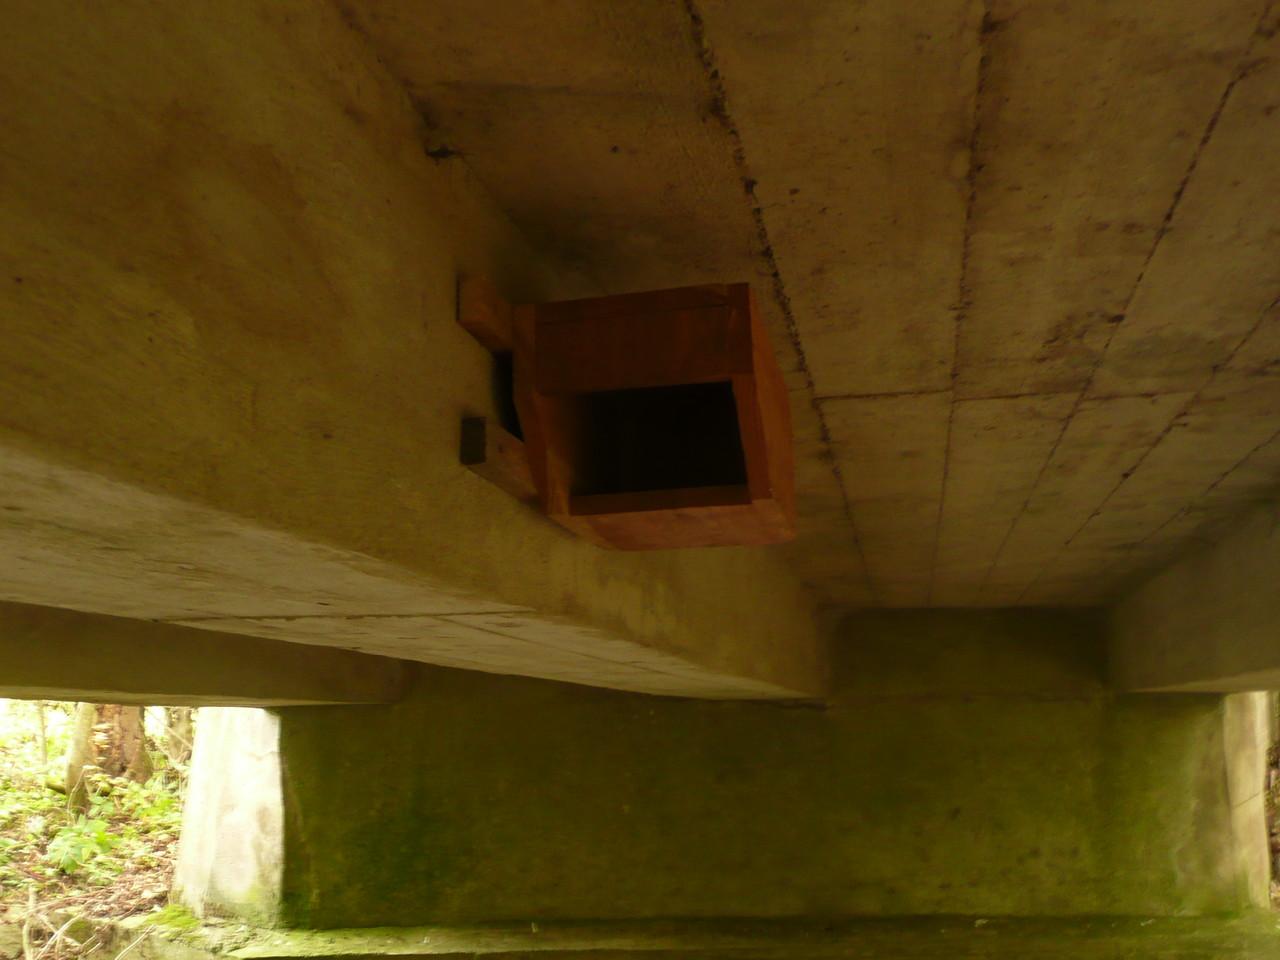 Ein weiterer künstlicher Nistplatz für die Wasseramsel unter einer Betonbrücke ist geschaffen, zuvor hatten die Vögel hier keine Chance ein Nest zu bauen aufgrund fehlender Unterlage / Foto: D. Singer